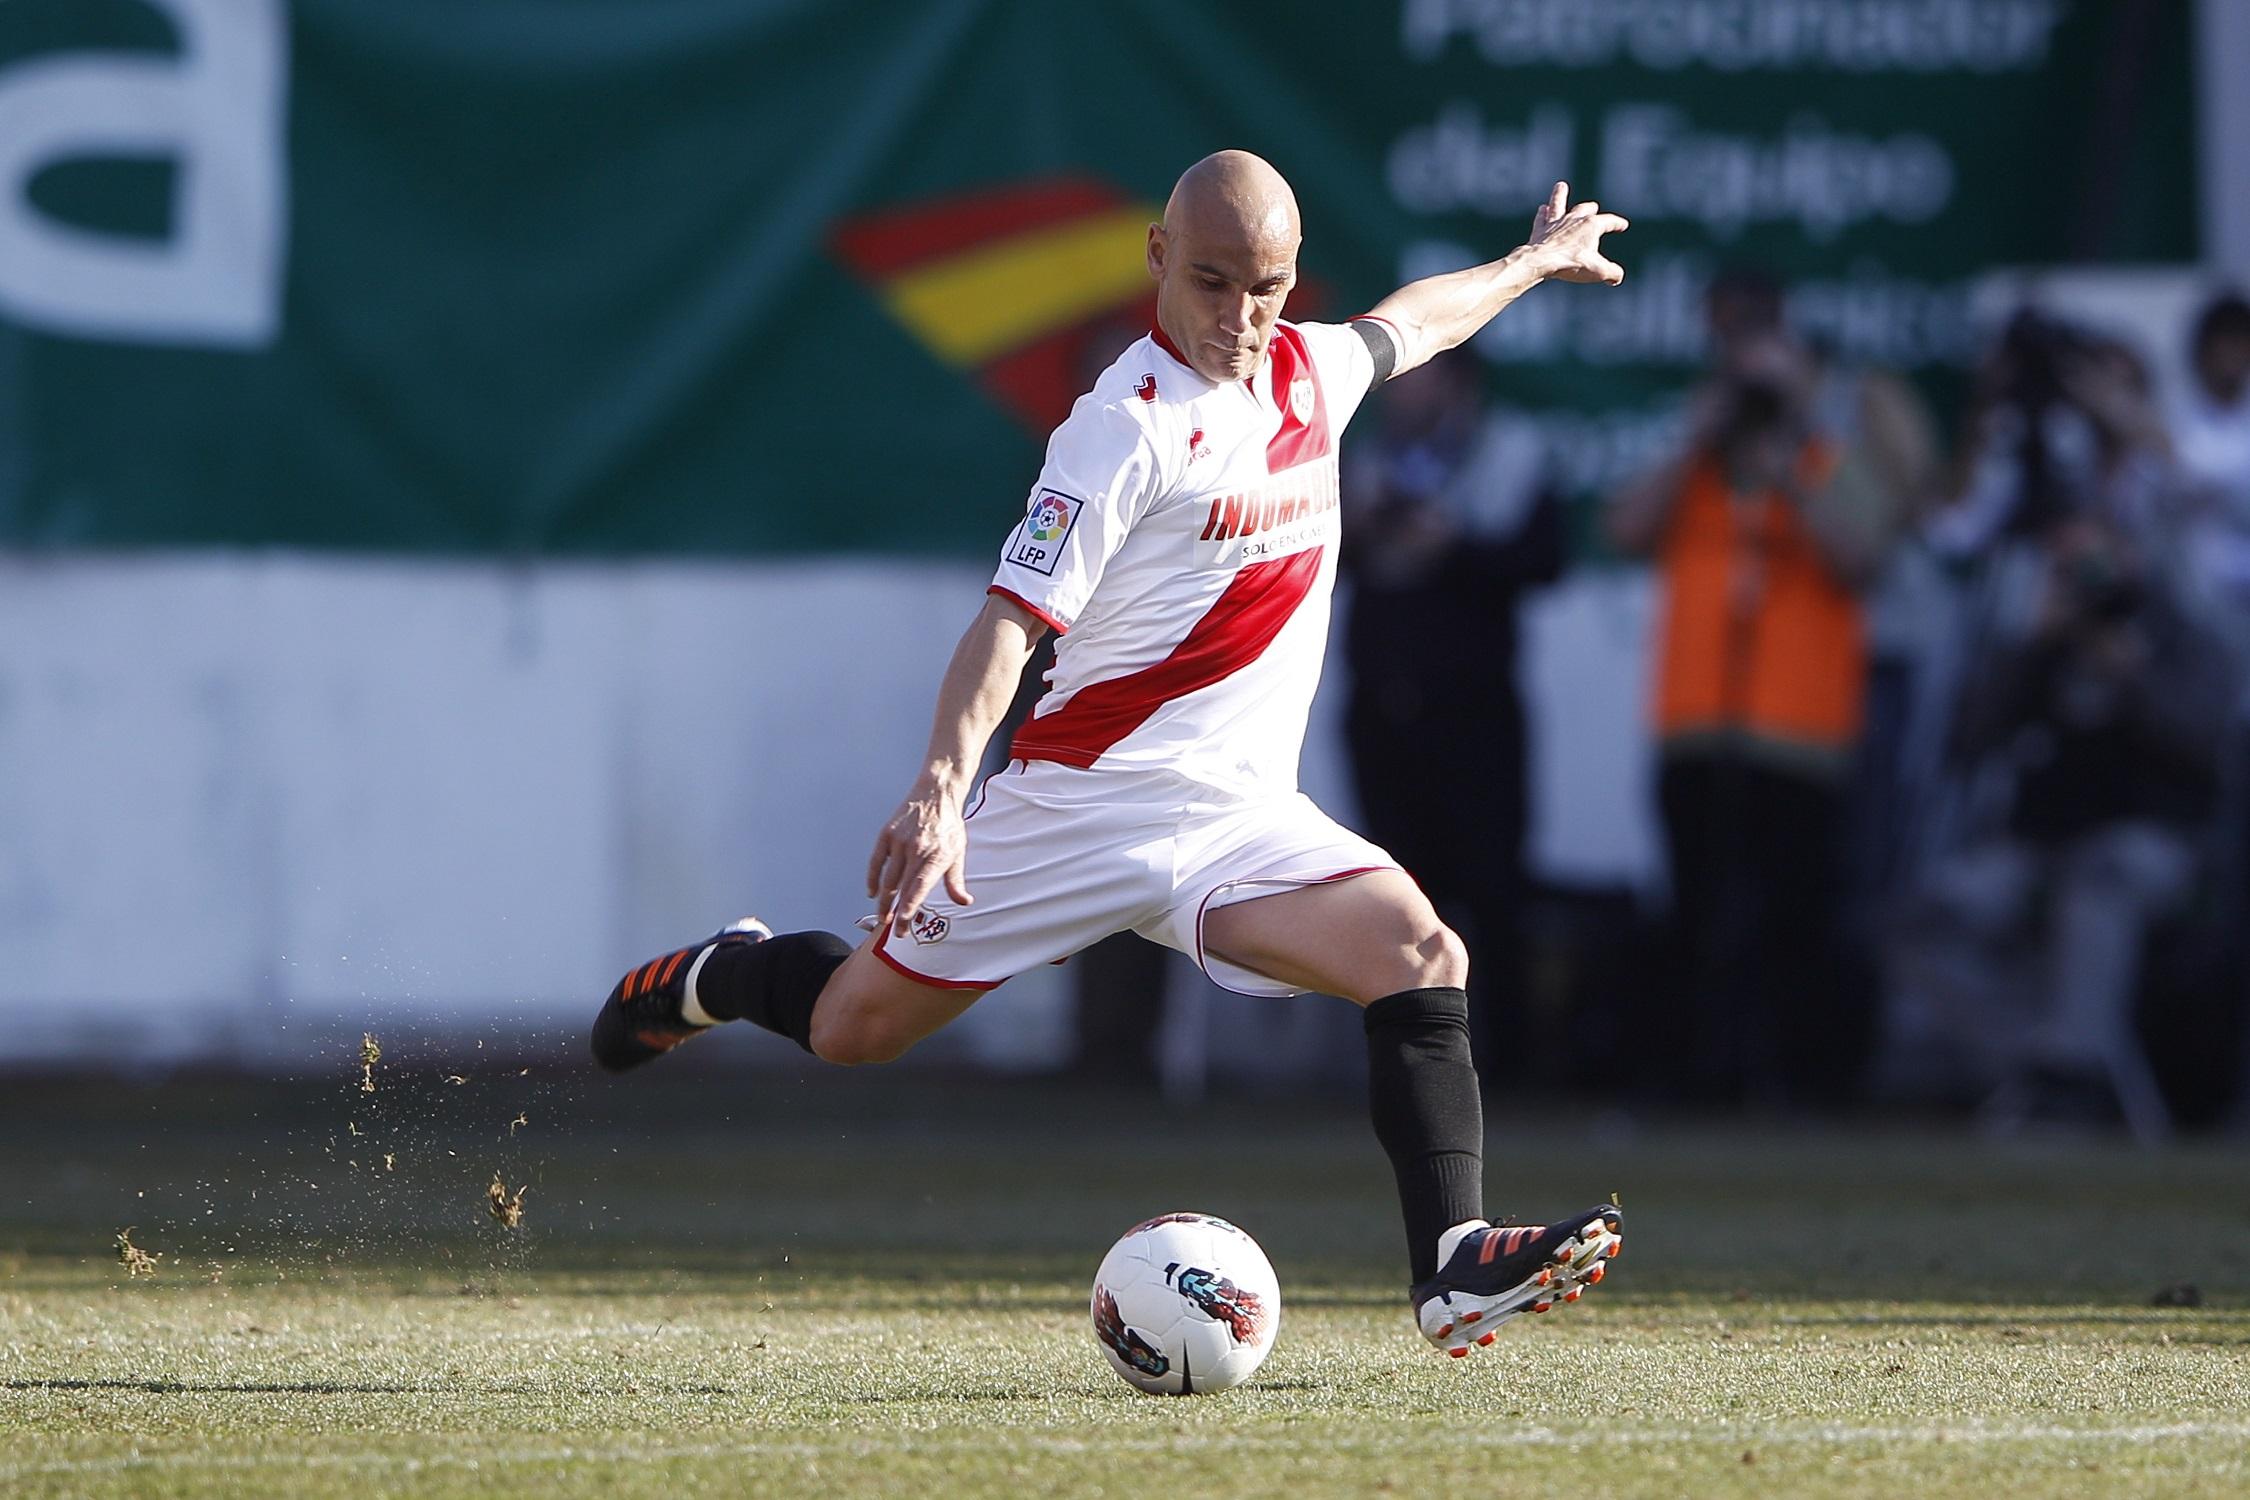 Movilla en un partido entre el Rayo y el Madrid disputado en Vallecas en febrero de 2012 (GTRES).